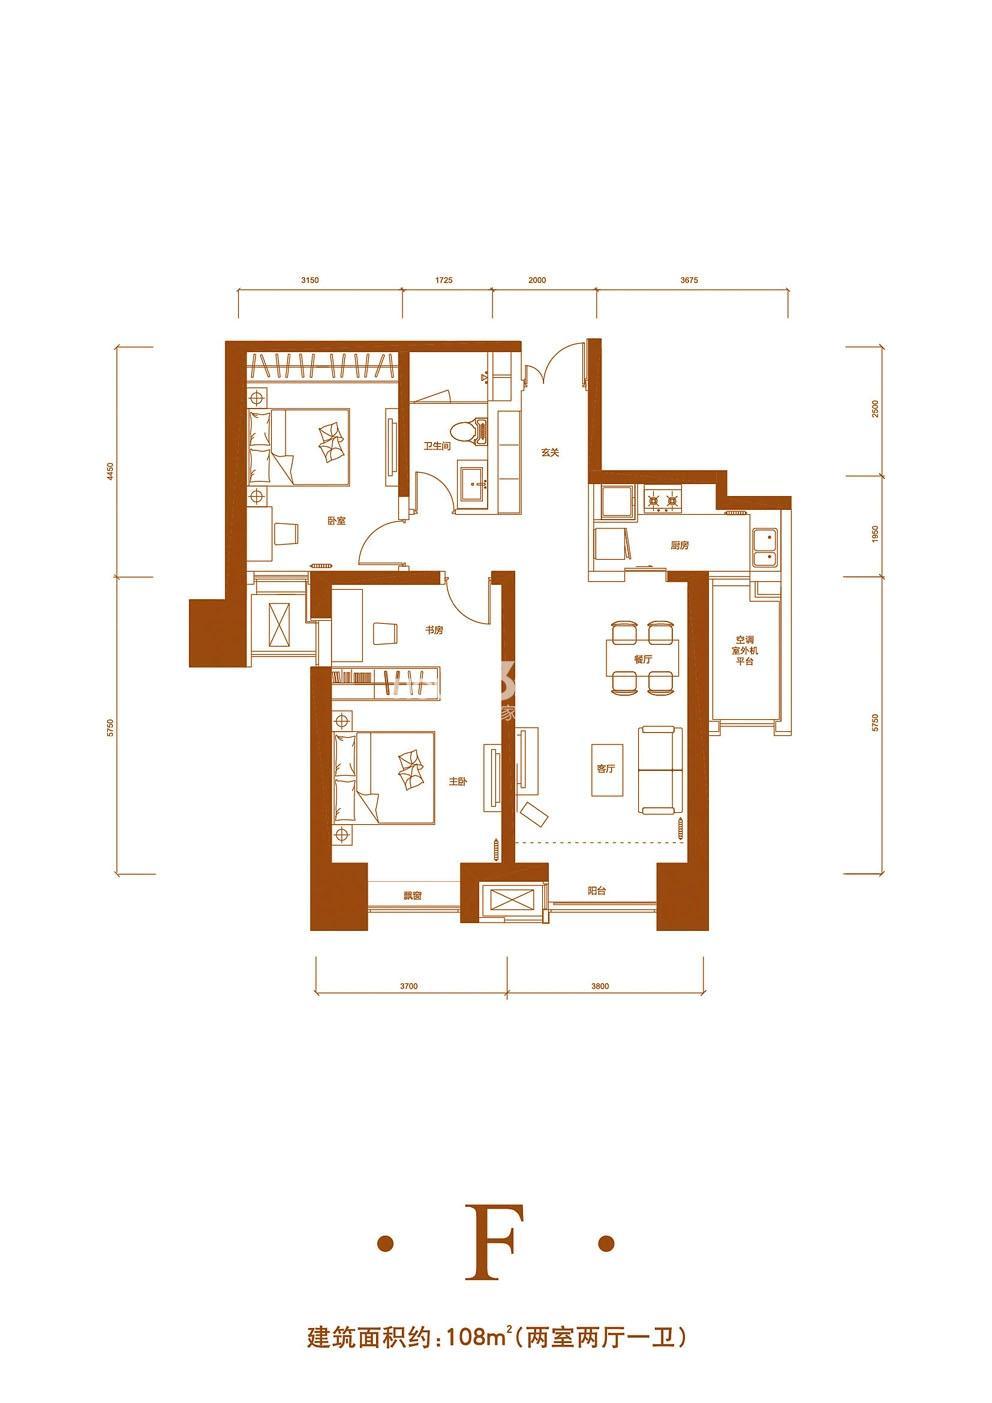 2室2厅1卫 108平米(售完)